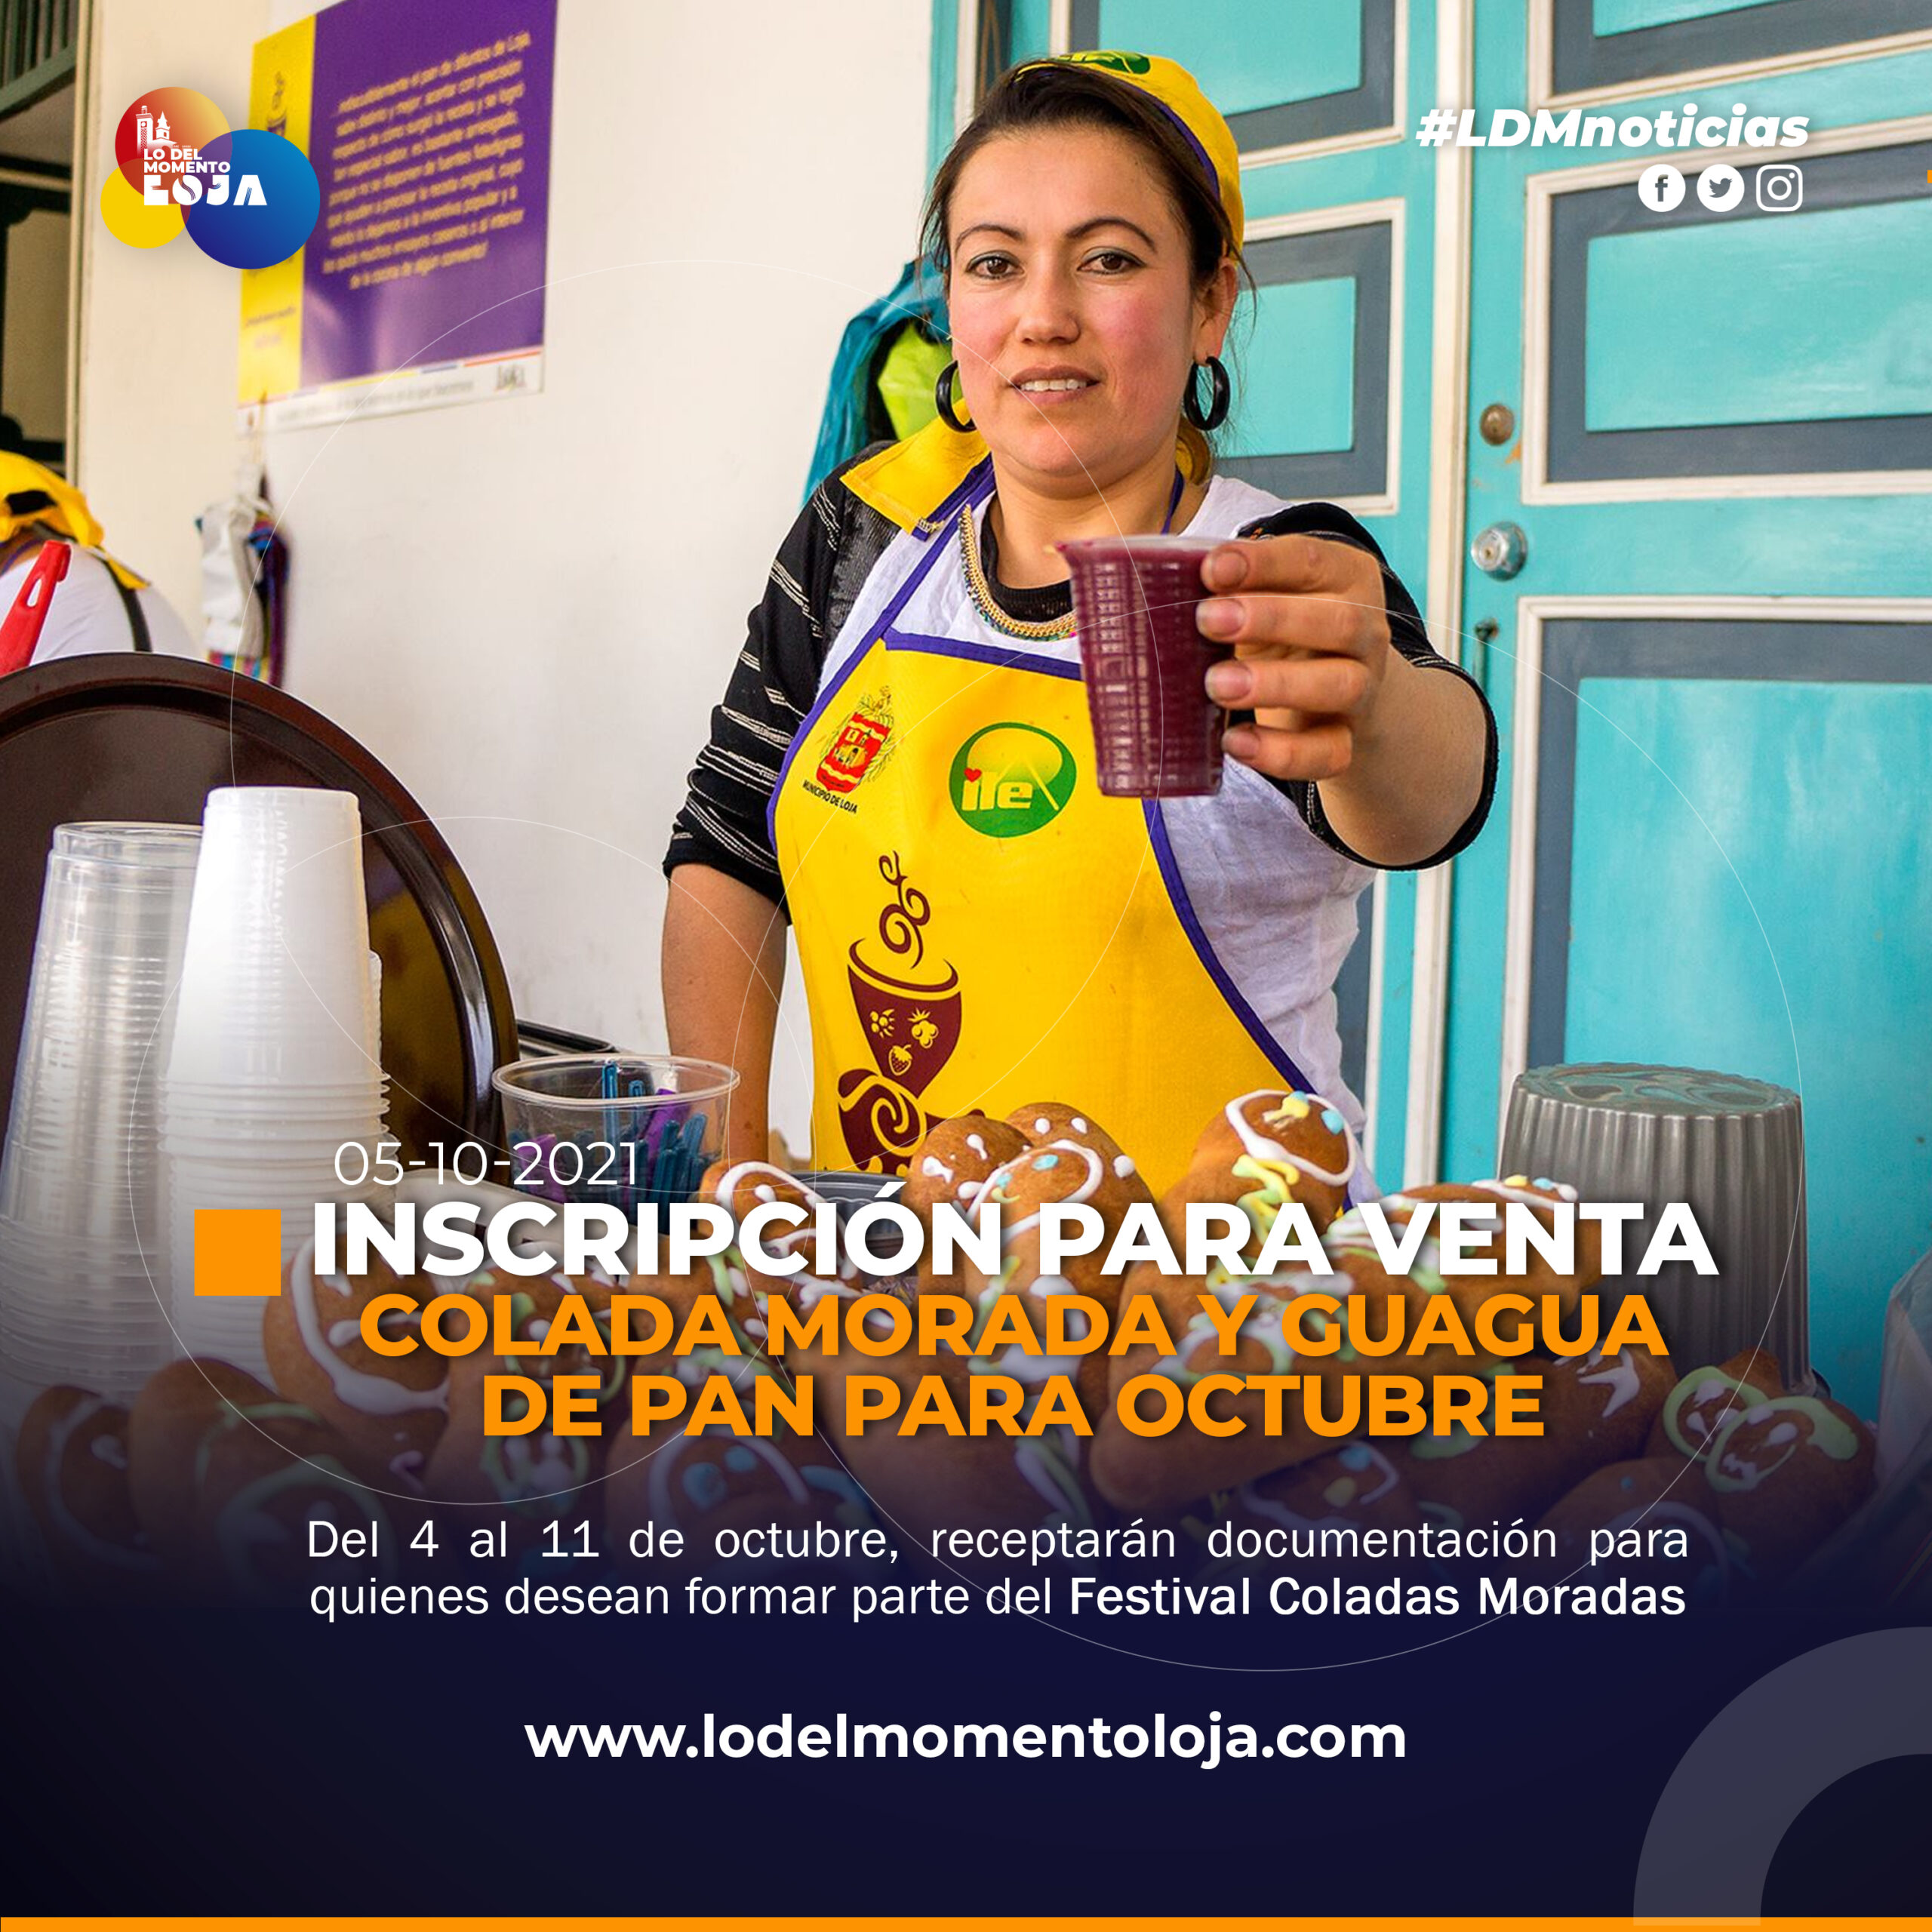 Inscripciones para el Festival de Colada Morada